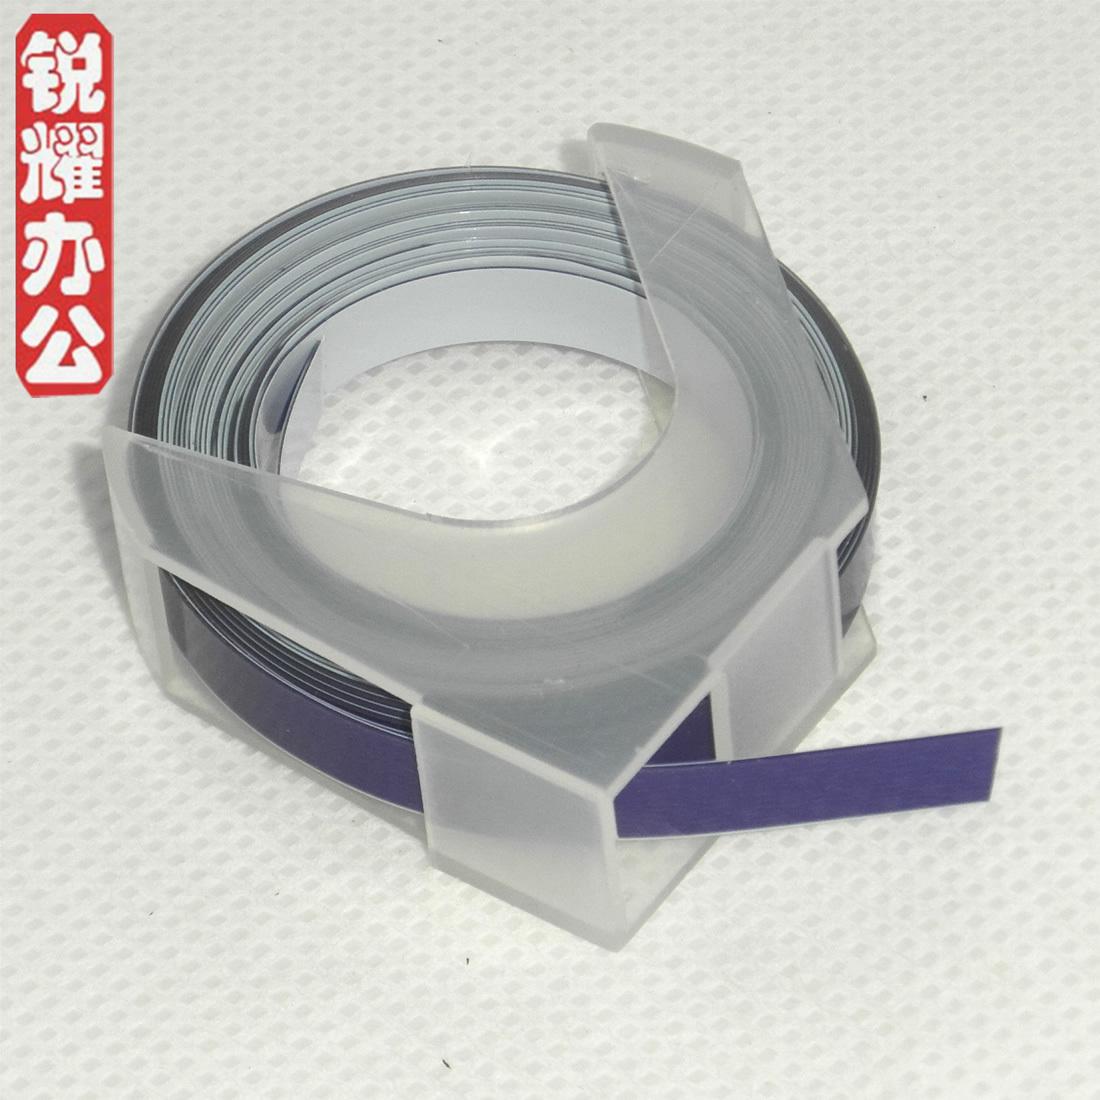 Расходники для принтеров этикеток DYMO  MOTEX SN600-6 6mm*3m 1610